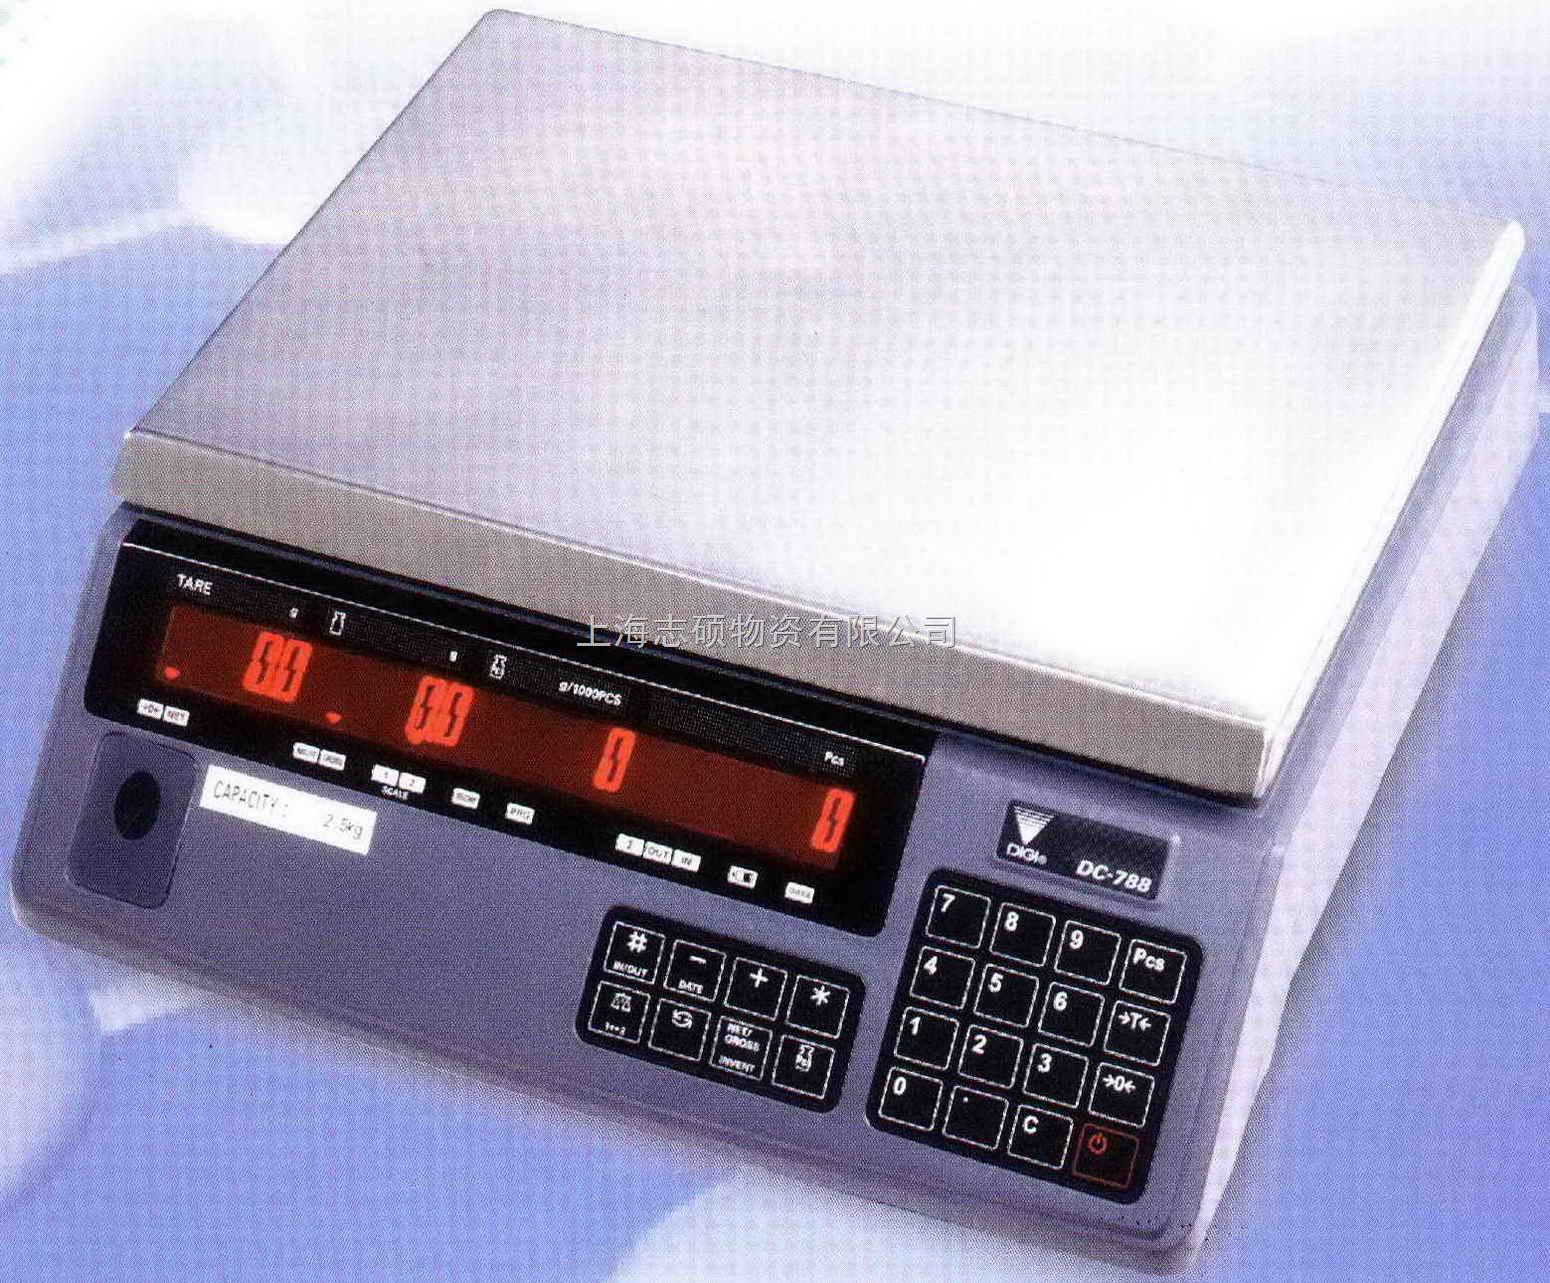 dc-788-上海寺冈电子计数秤digi电子秤